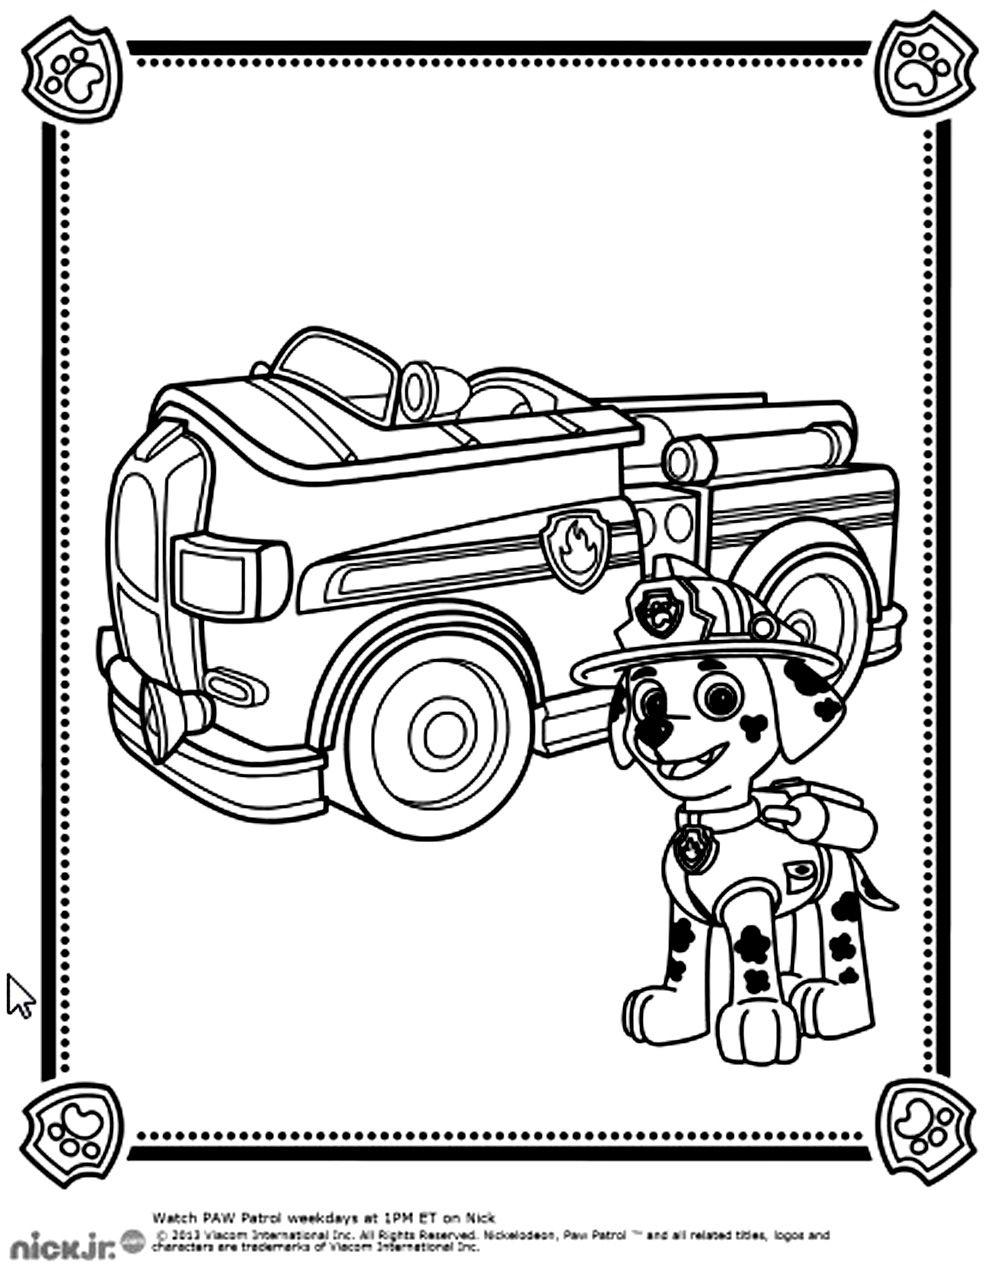 Pour imprimer ce coloriage gratuit coloriage pat patrouille marshall camion